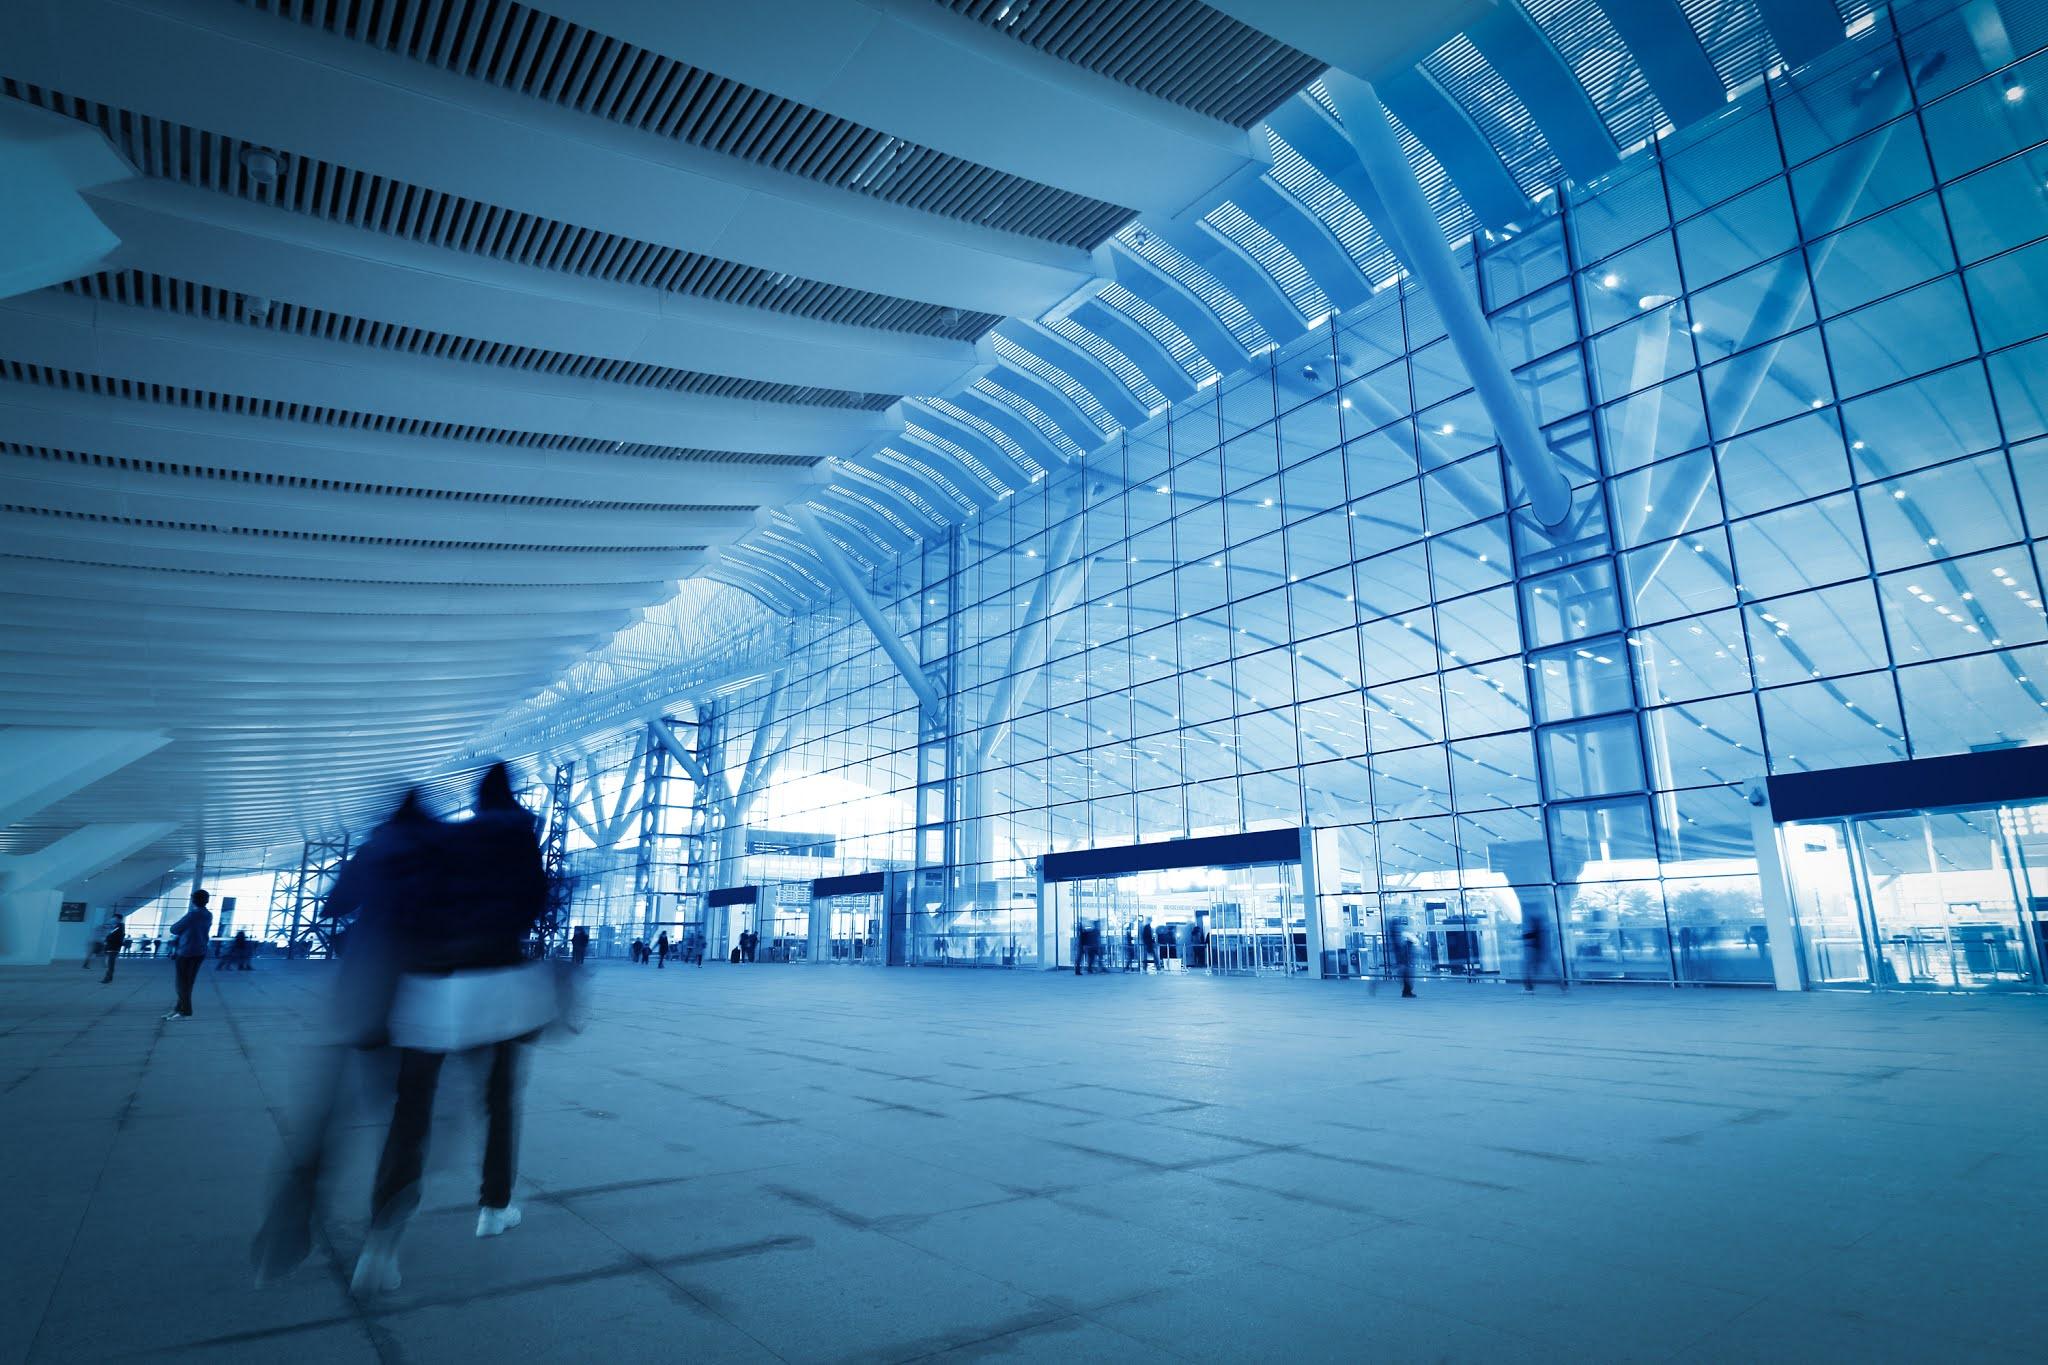 السعودية تعزز خدمات الطيران المحلي بمؤشر تصنيفي للنقل الجوي